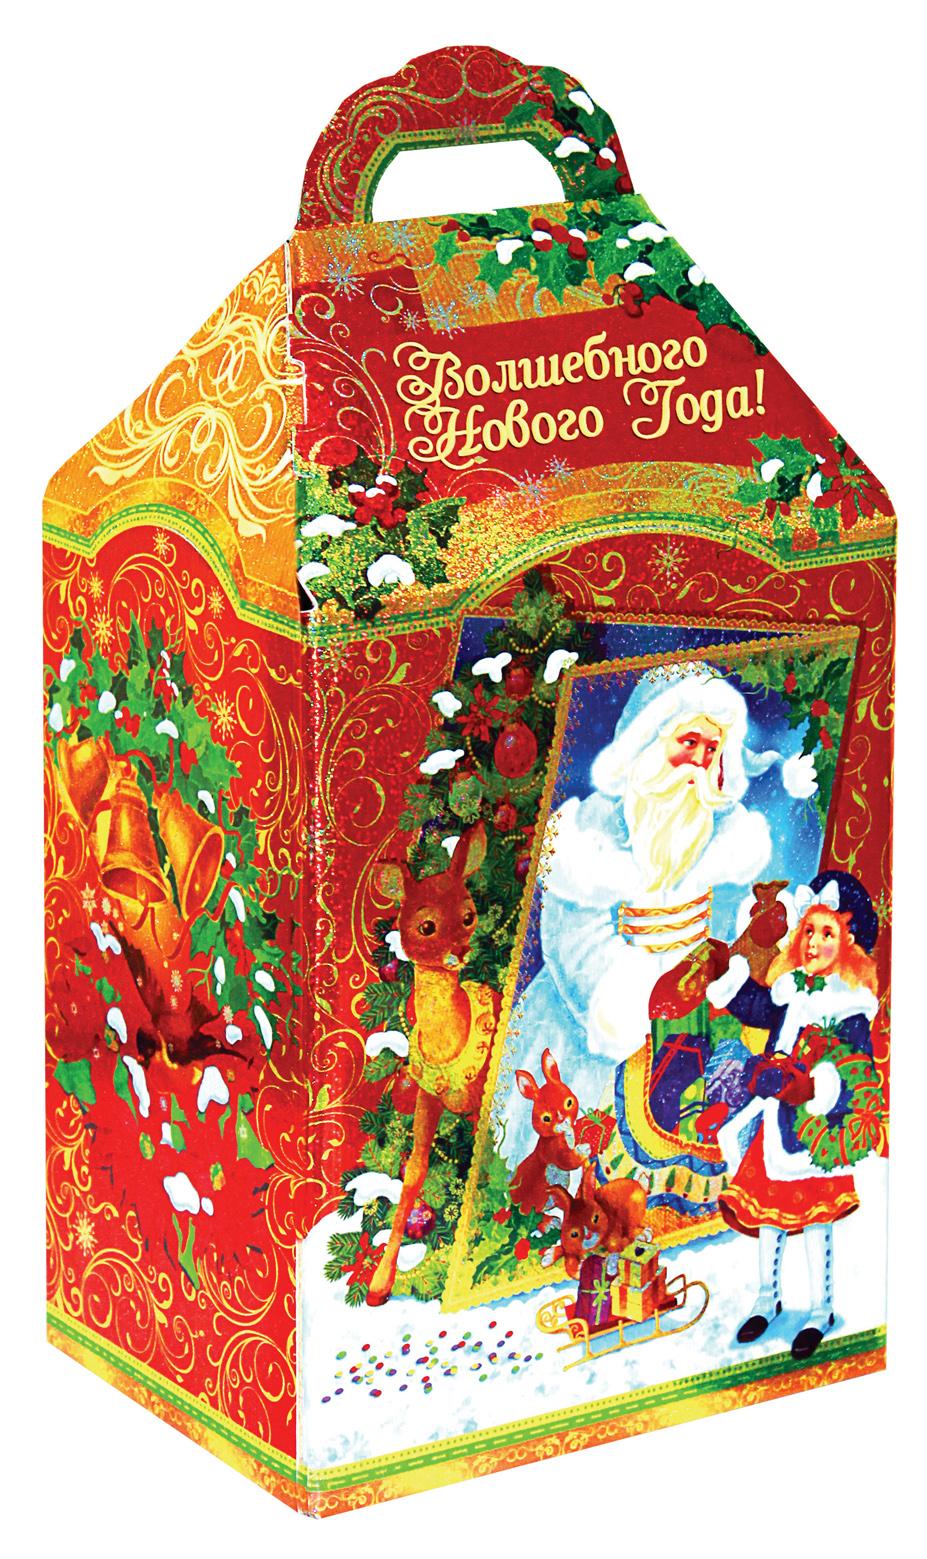 Карнавал подарков - подарки на новый год, наборы для 37